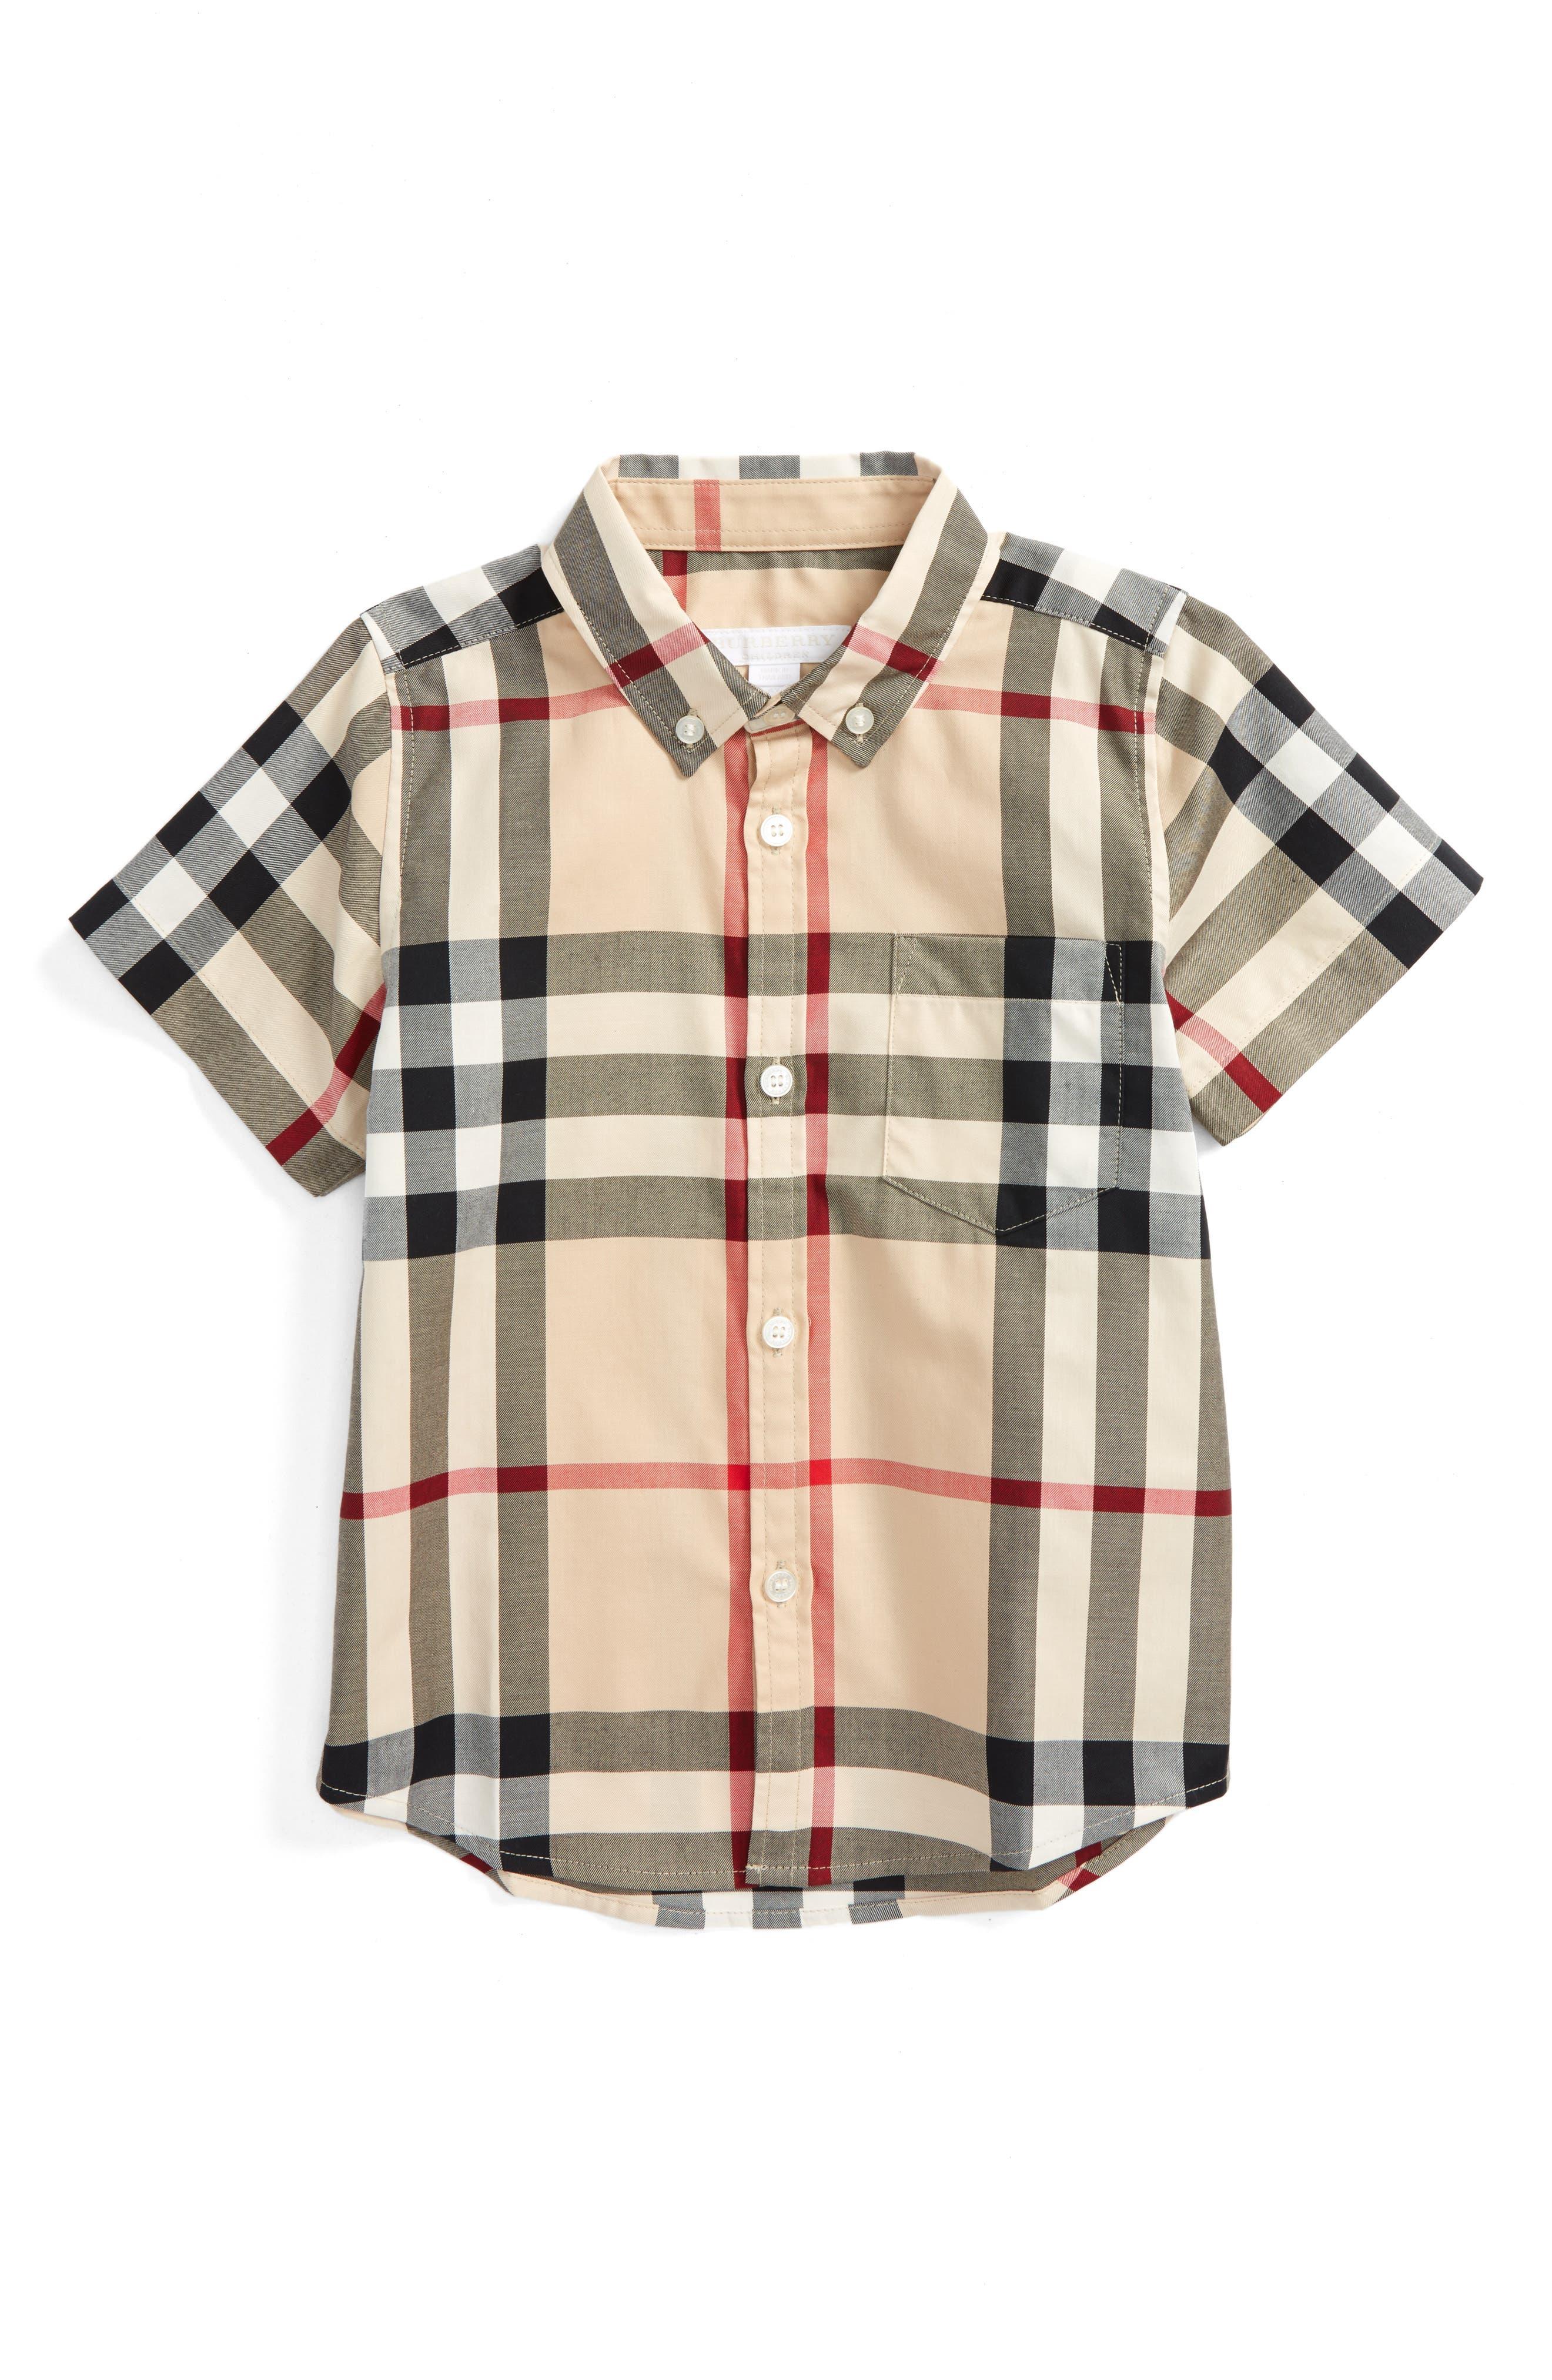 Fred Check Shirt,                         Main,                         color, 272